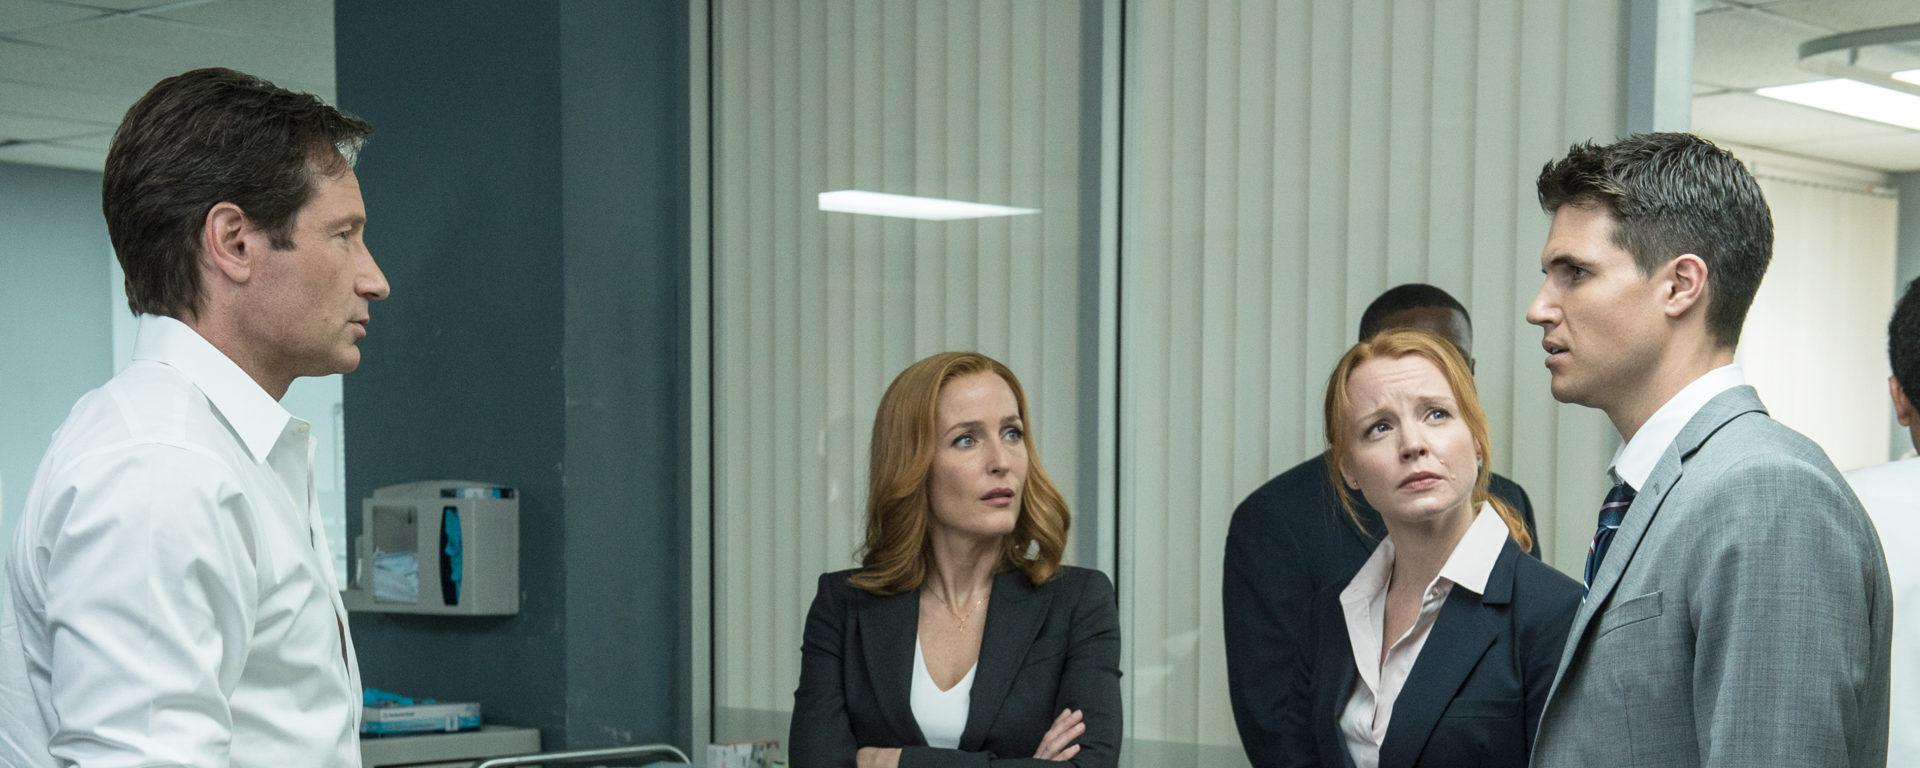 X-Files_1004_072315_sc333537_0013_hires2